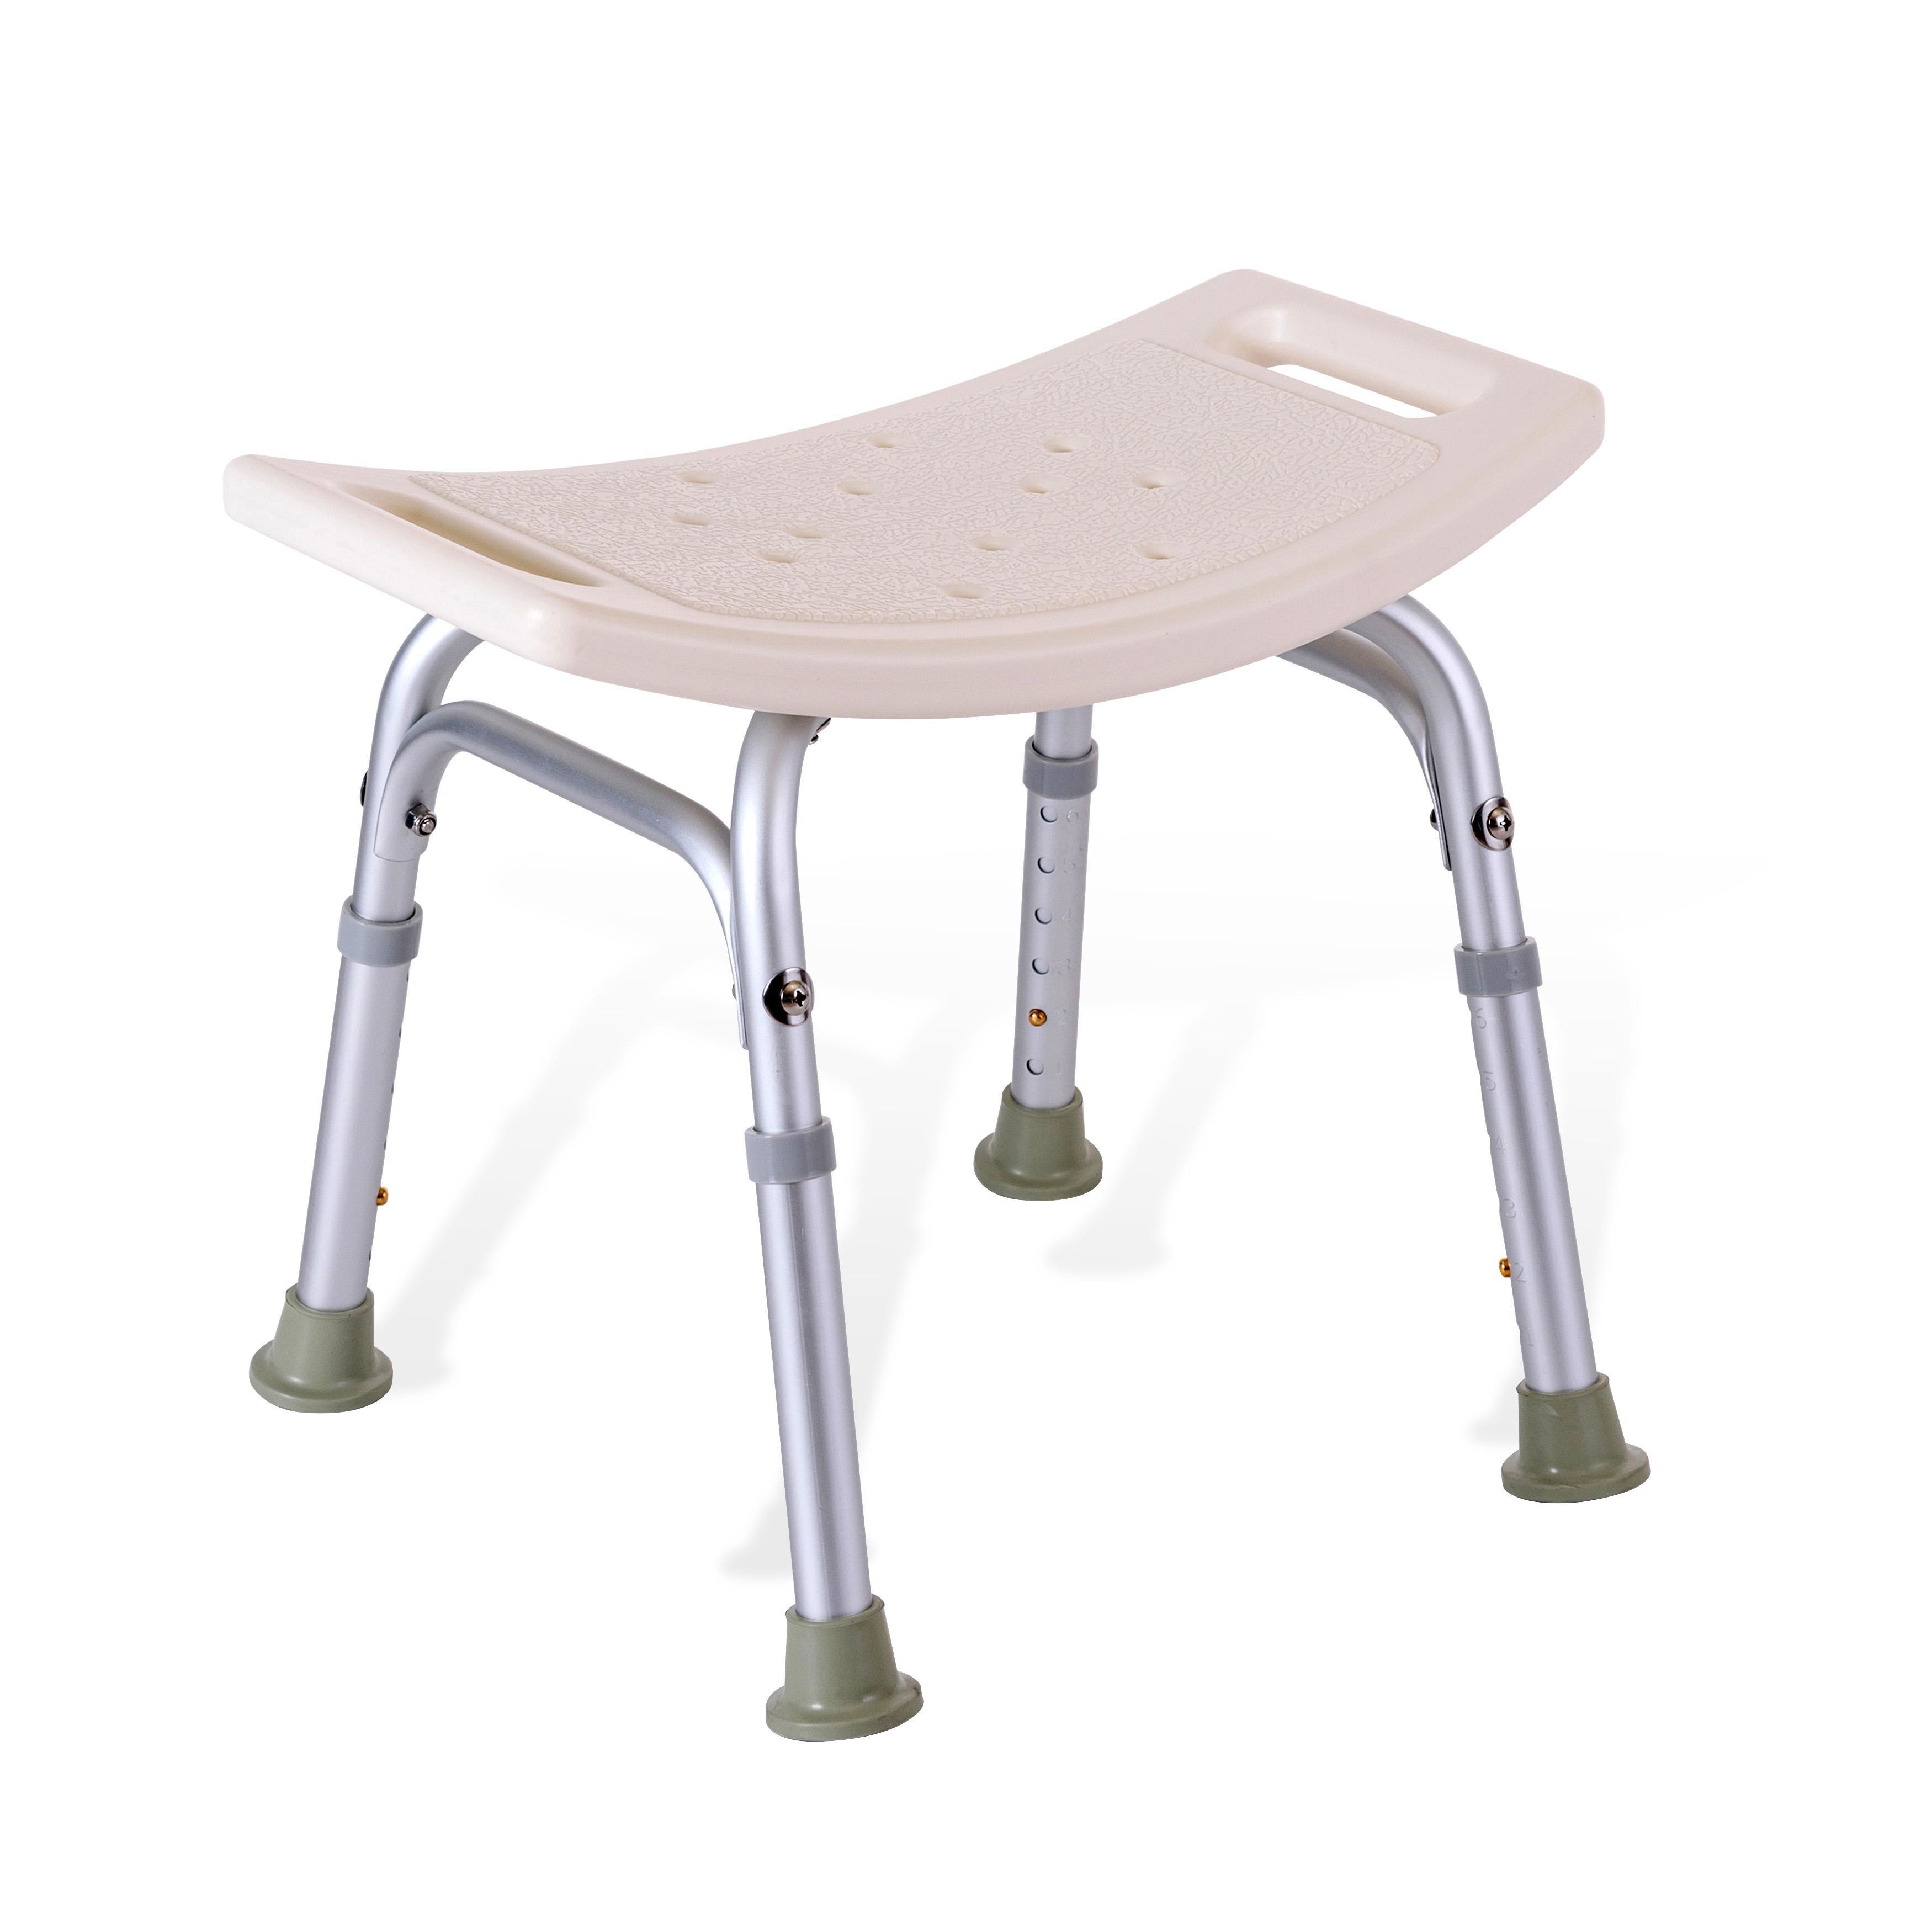 立德稳老人洗澡凳浴室凳子防滑沐浴椅洗澡椅折叠洗浴凳铝合金正品